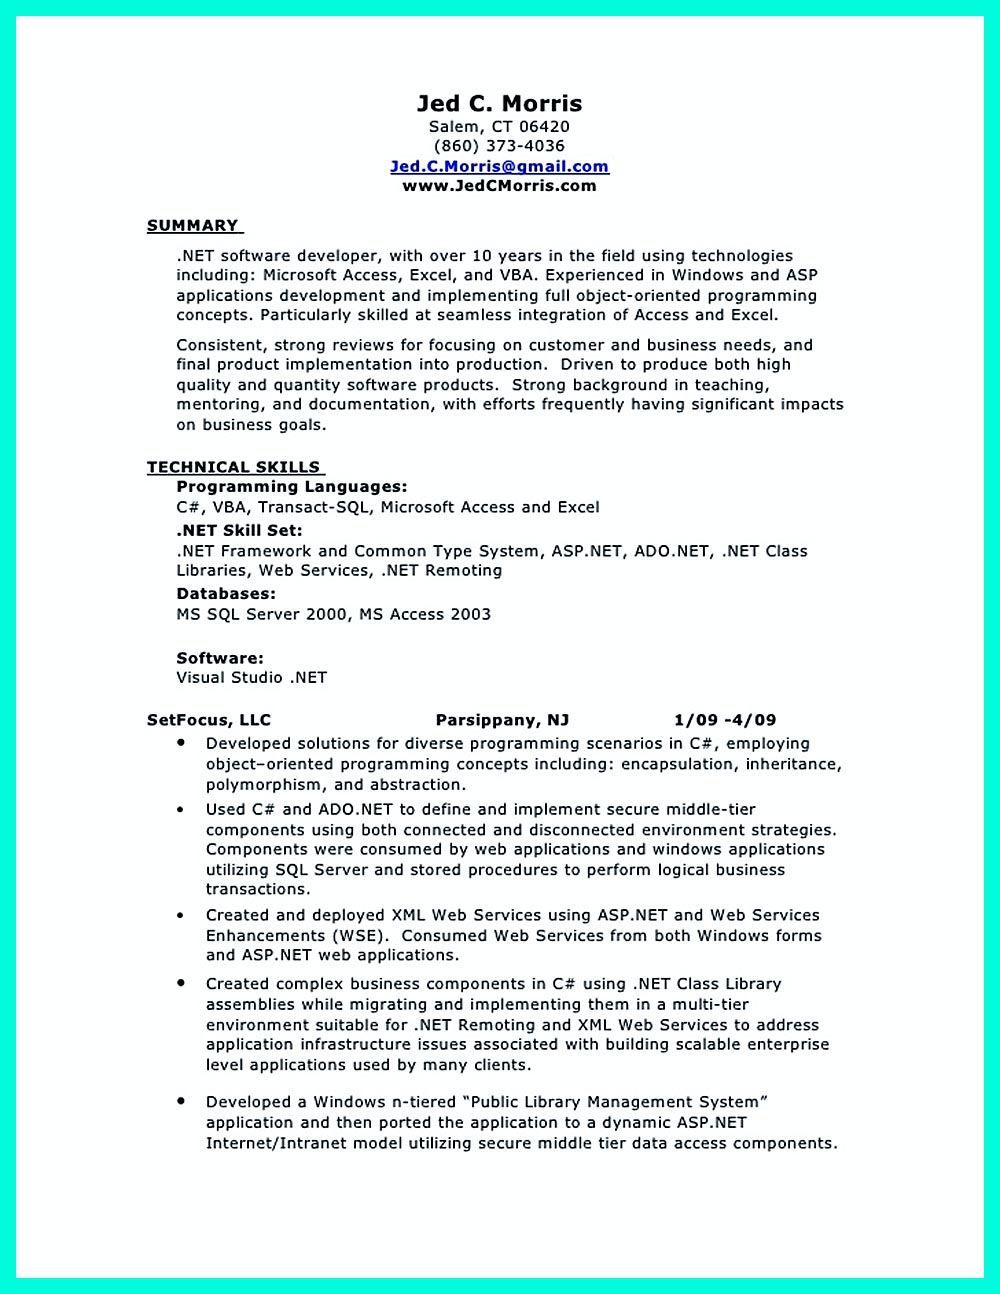 40 Entry Level Web Developer Resume in 2020 Resume